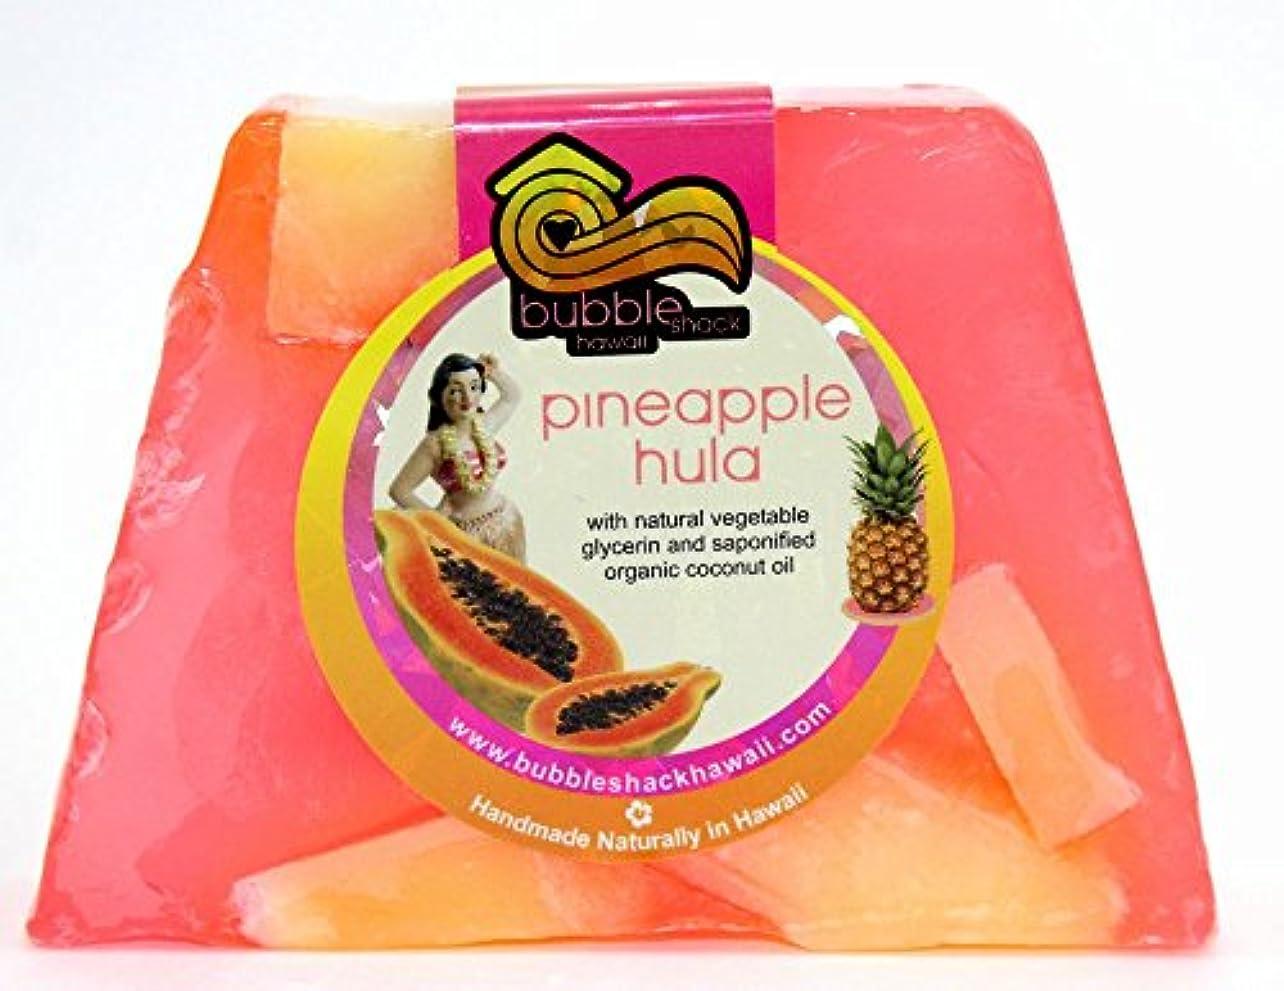 クランシーアイドル許すハワイ お土産 ハワイアン雑貨 バブルシャック パイナップル チャンクソープ 石鹸 (フラ) ハワイ雑貨